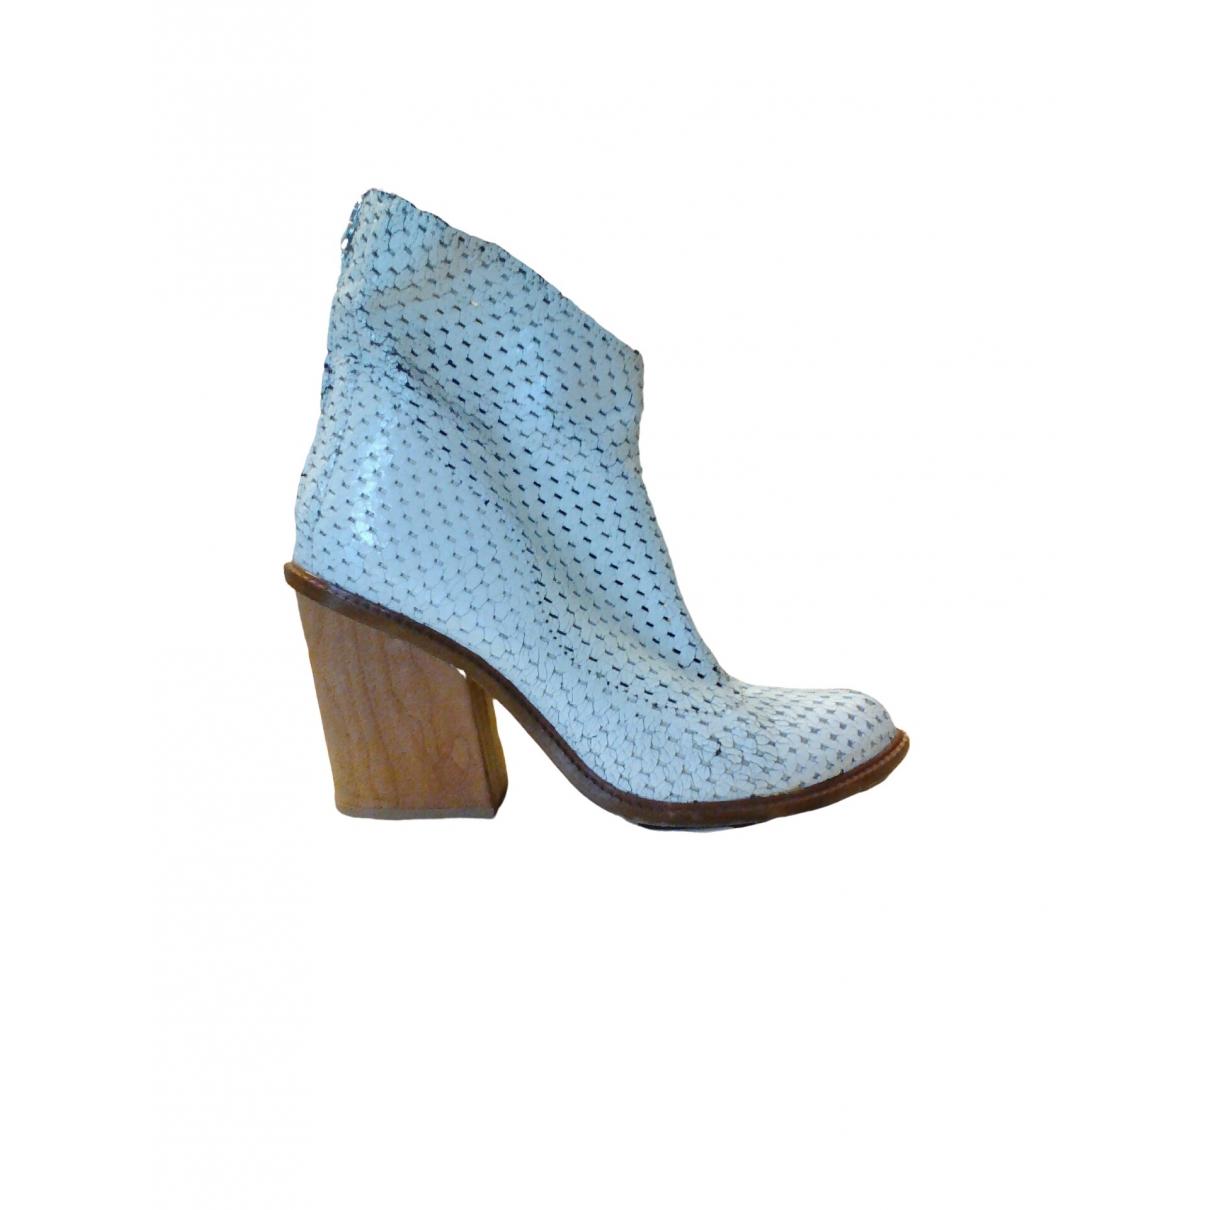 Diesel - Boots   pour femme en cuir - blanc